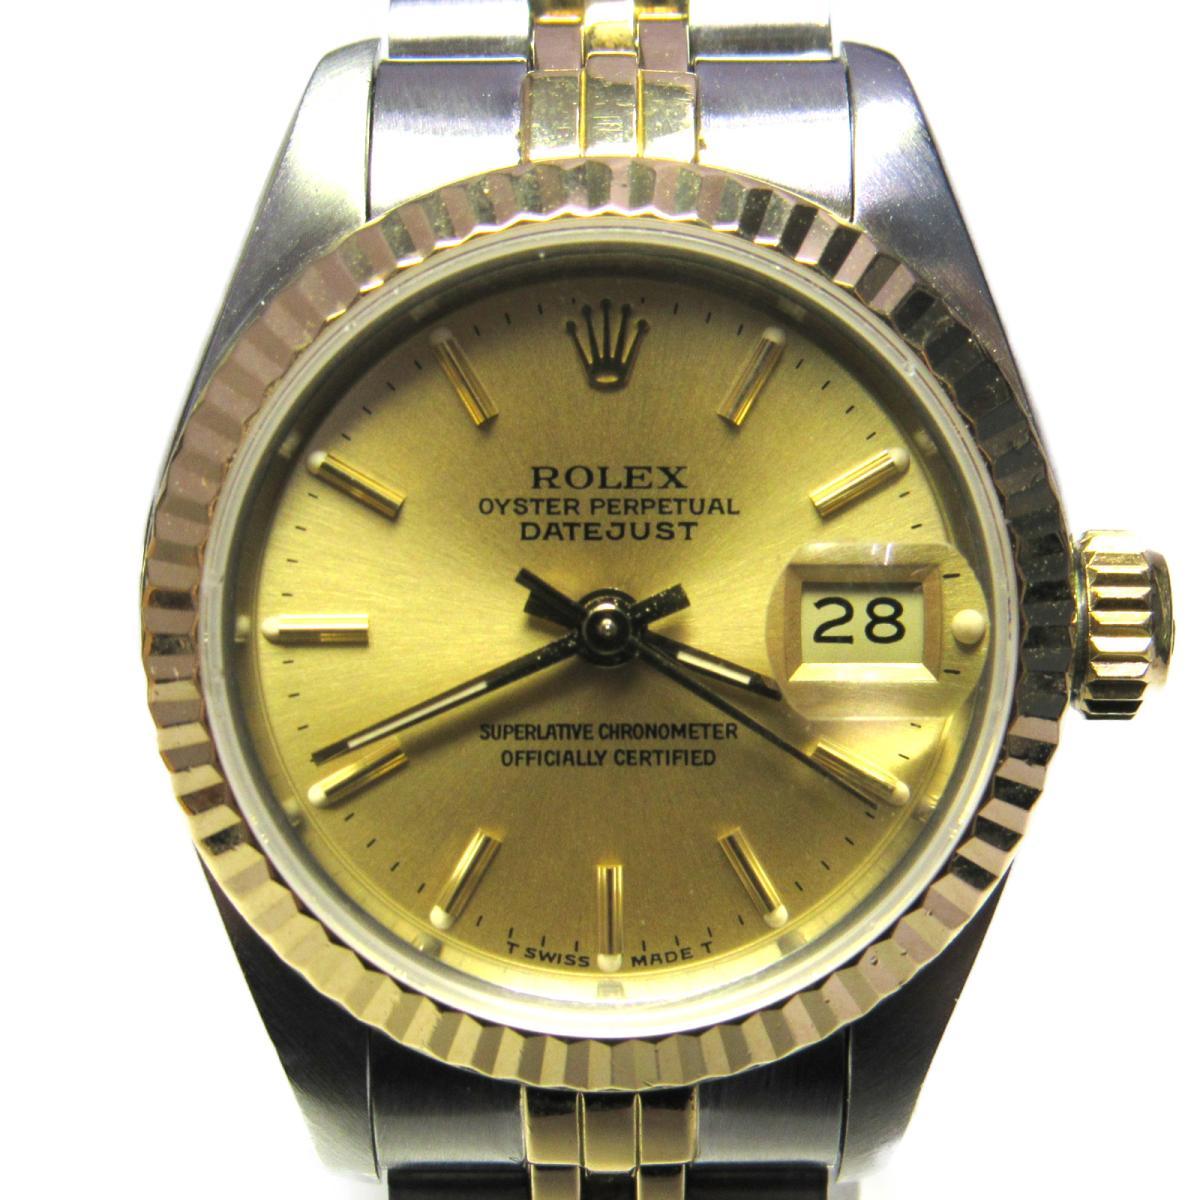 デイトジャスト 旧J 腕時計/レディース/SALE/おすすめ